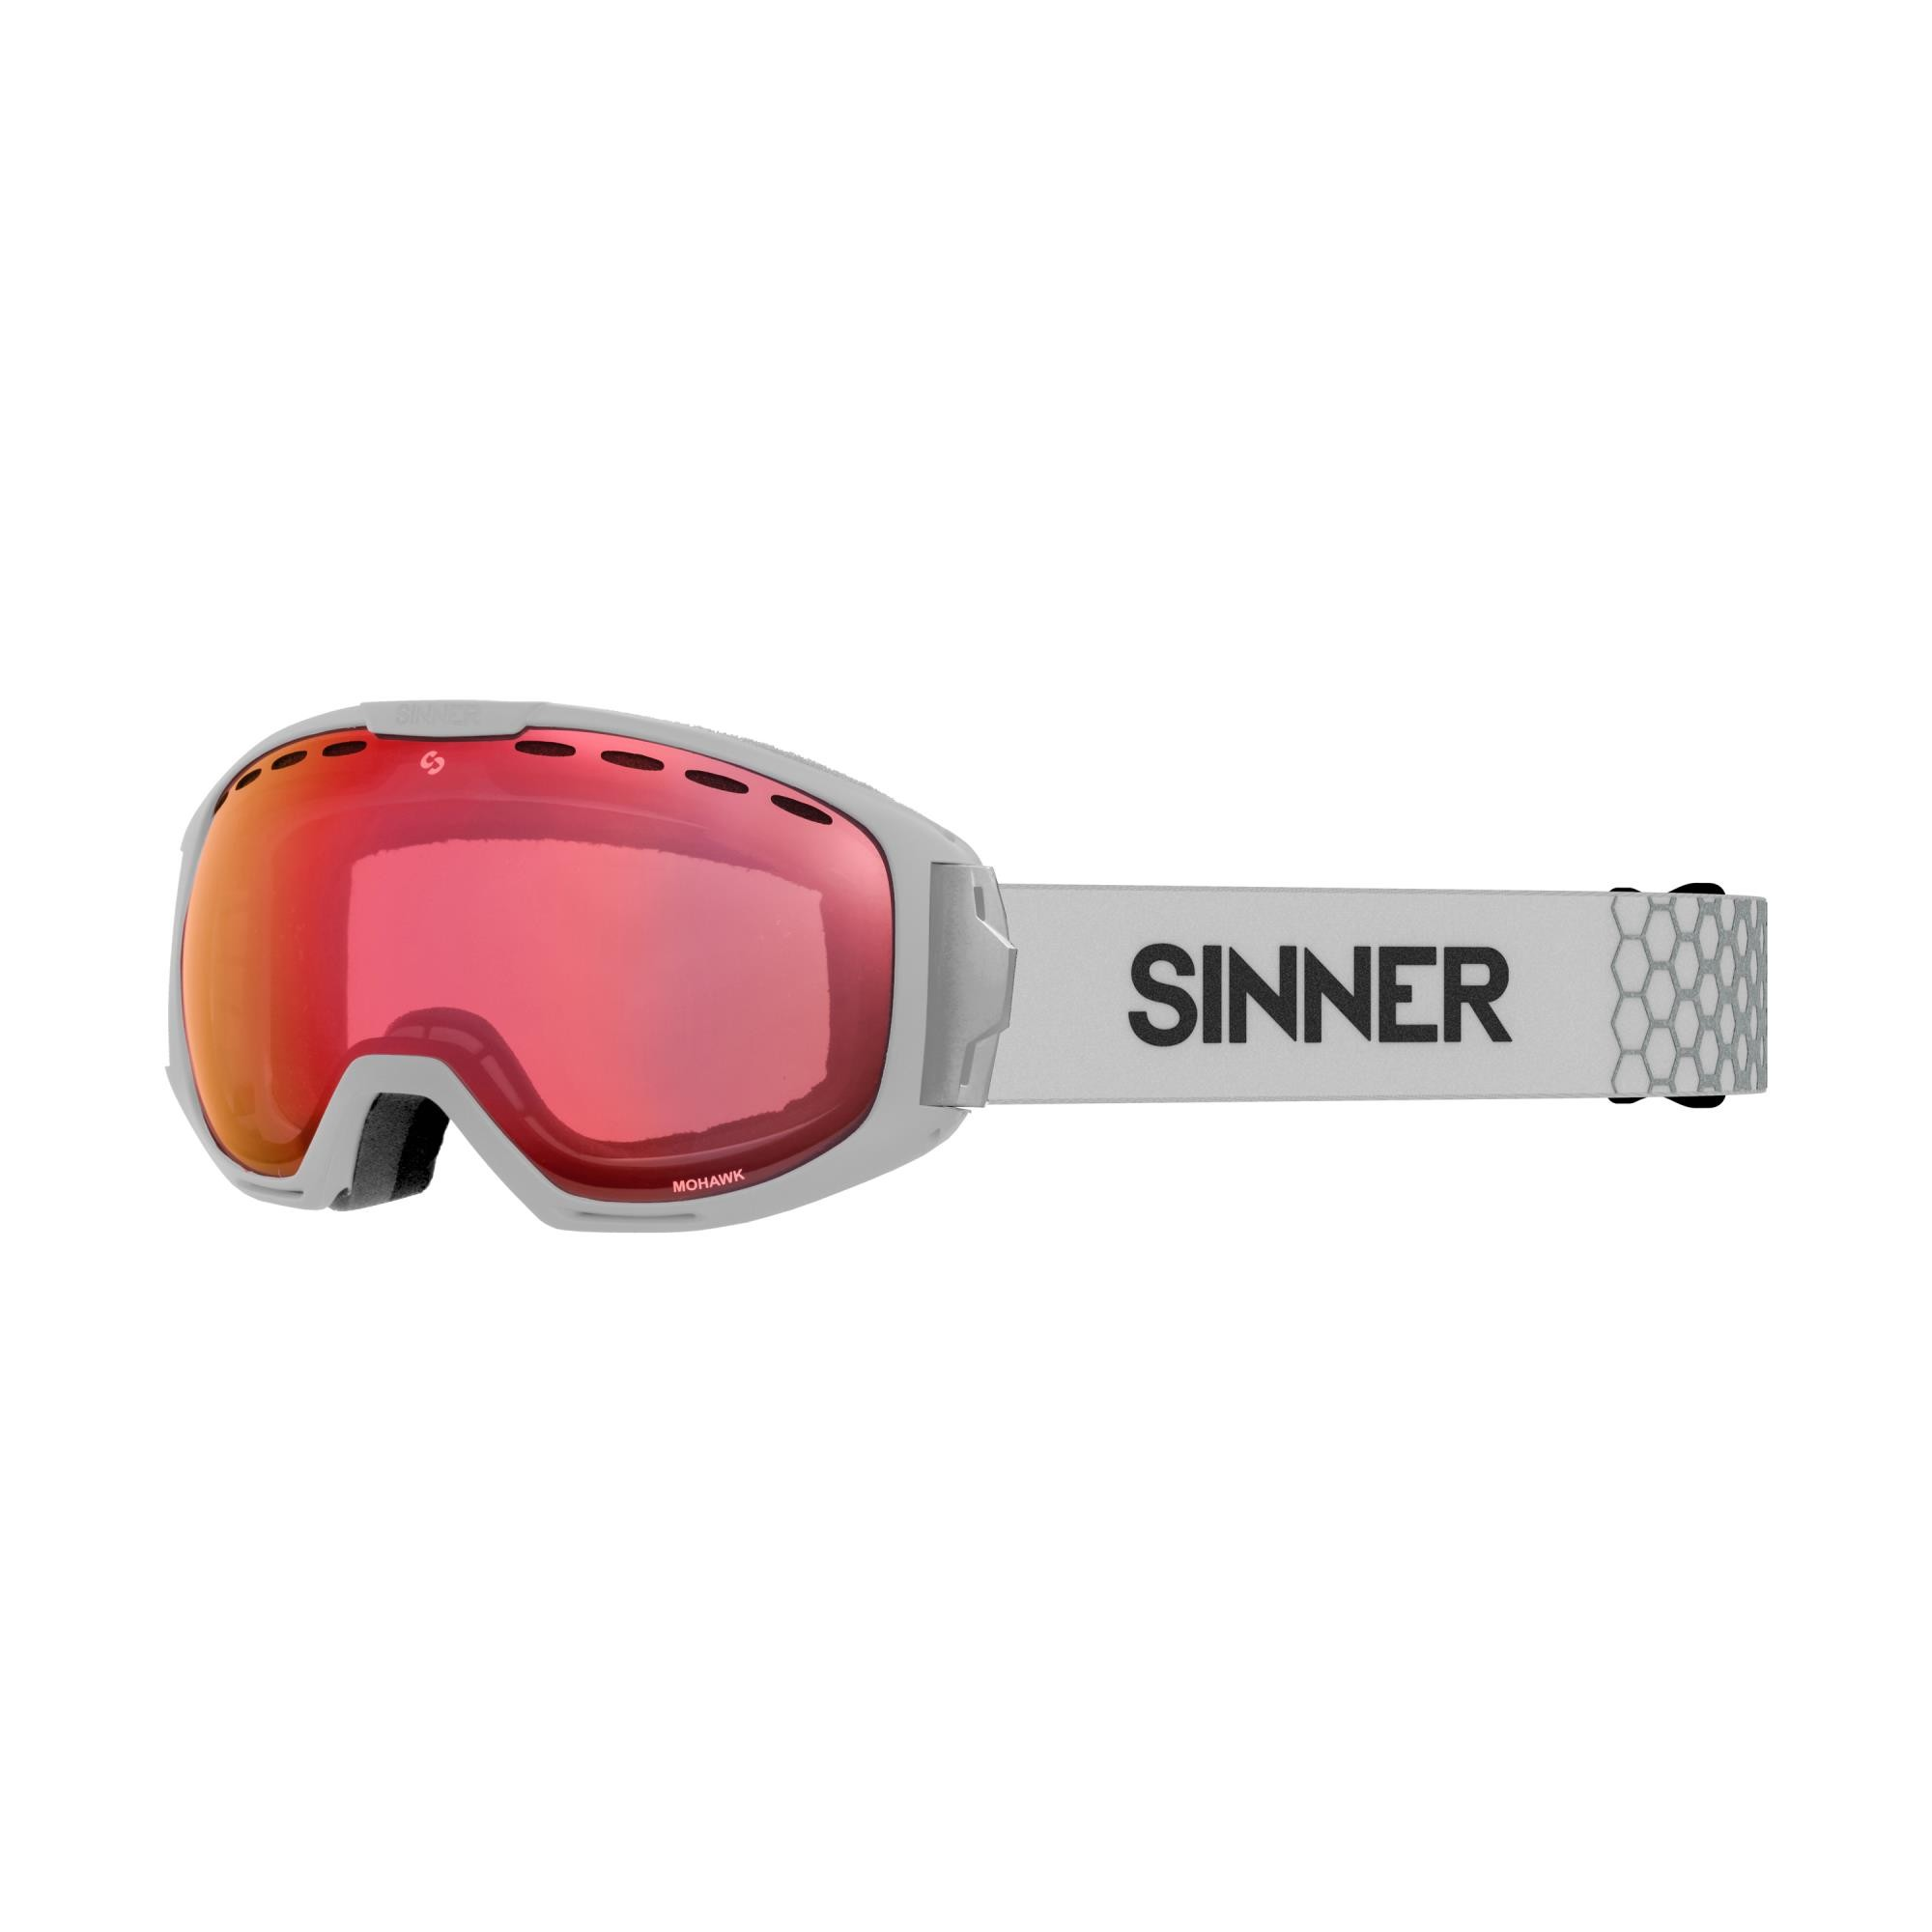 Sinner Mohawk Skibril - Mat Grijs - Rode Spiegellens + Extra Lens